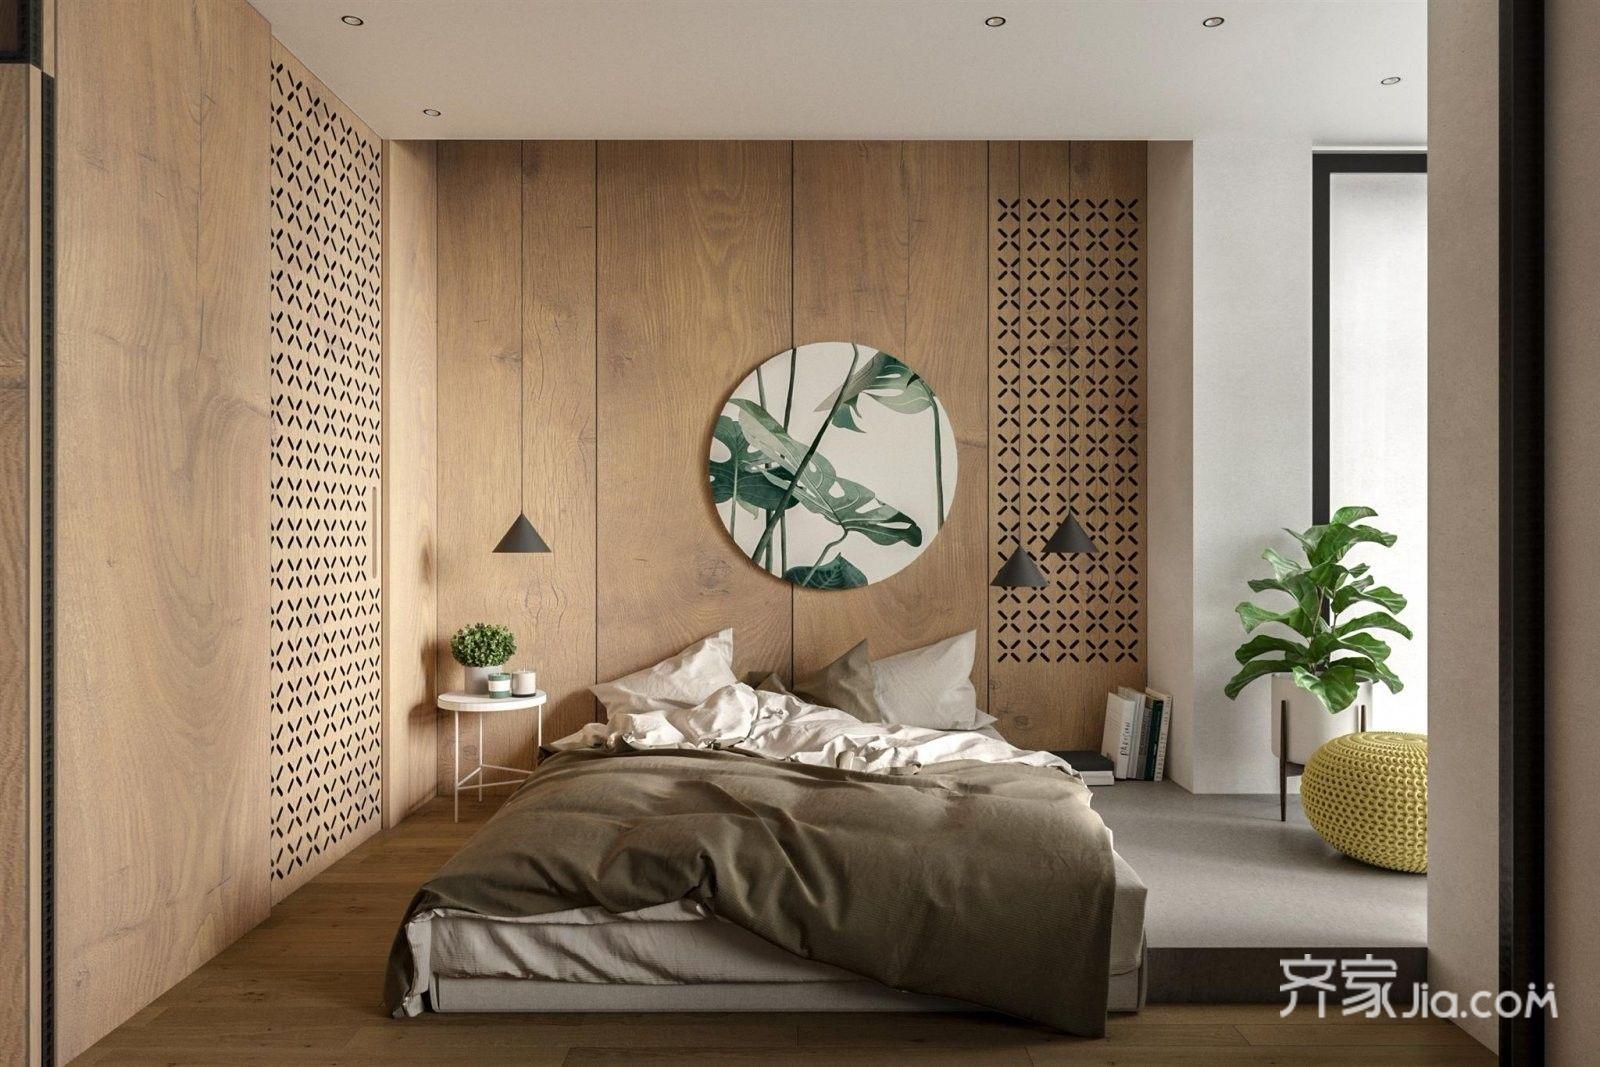 并在墙面木板雕刻篓空花纹,塑造空间变化层次感